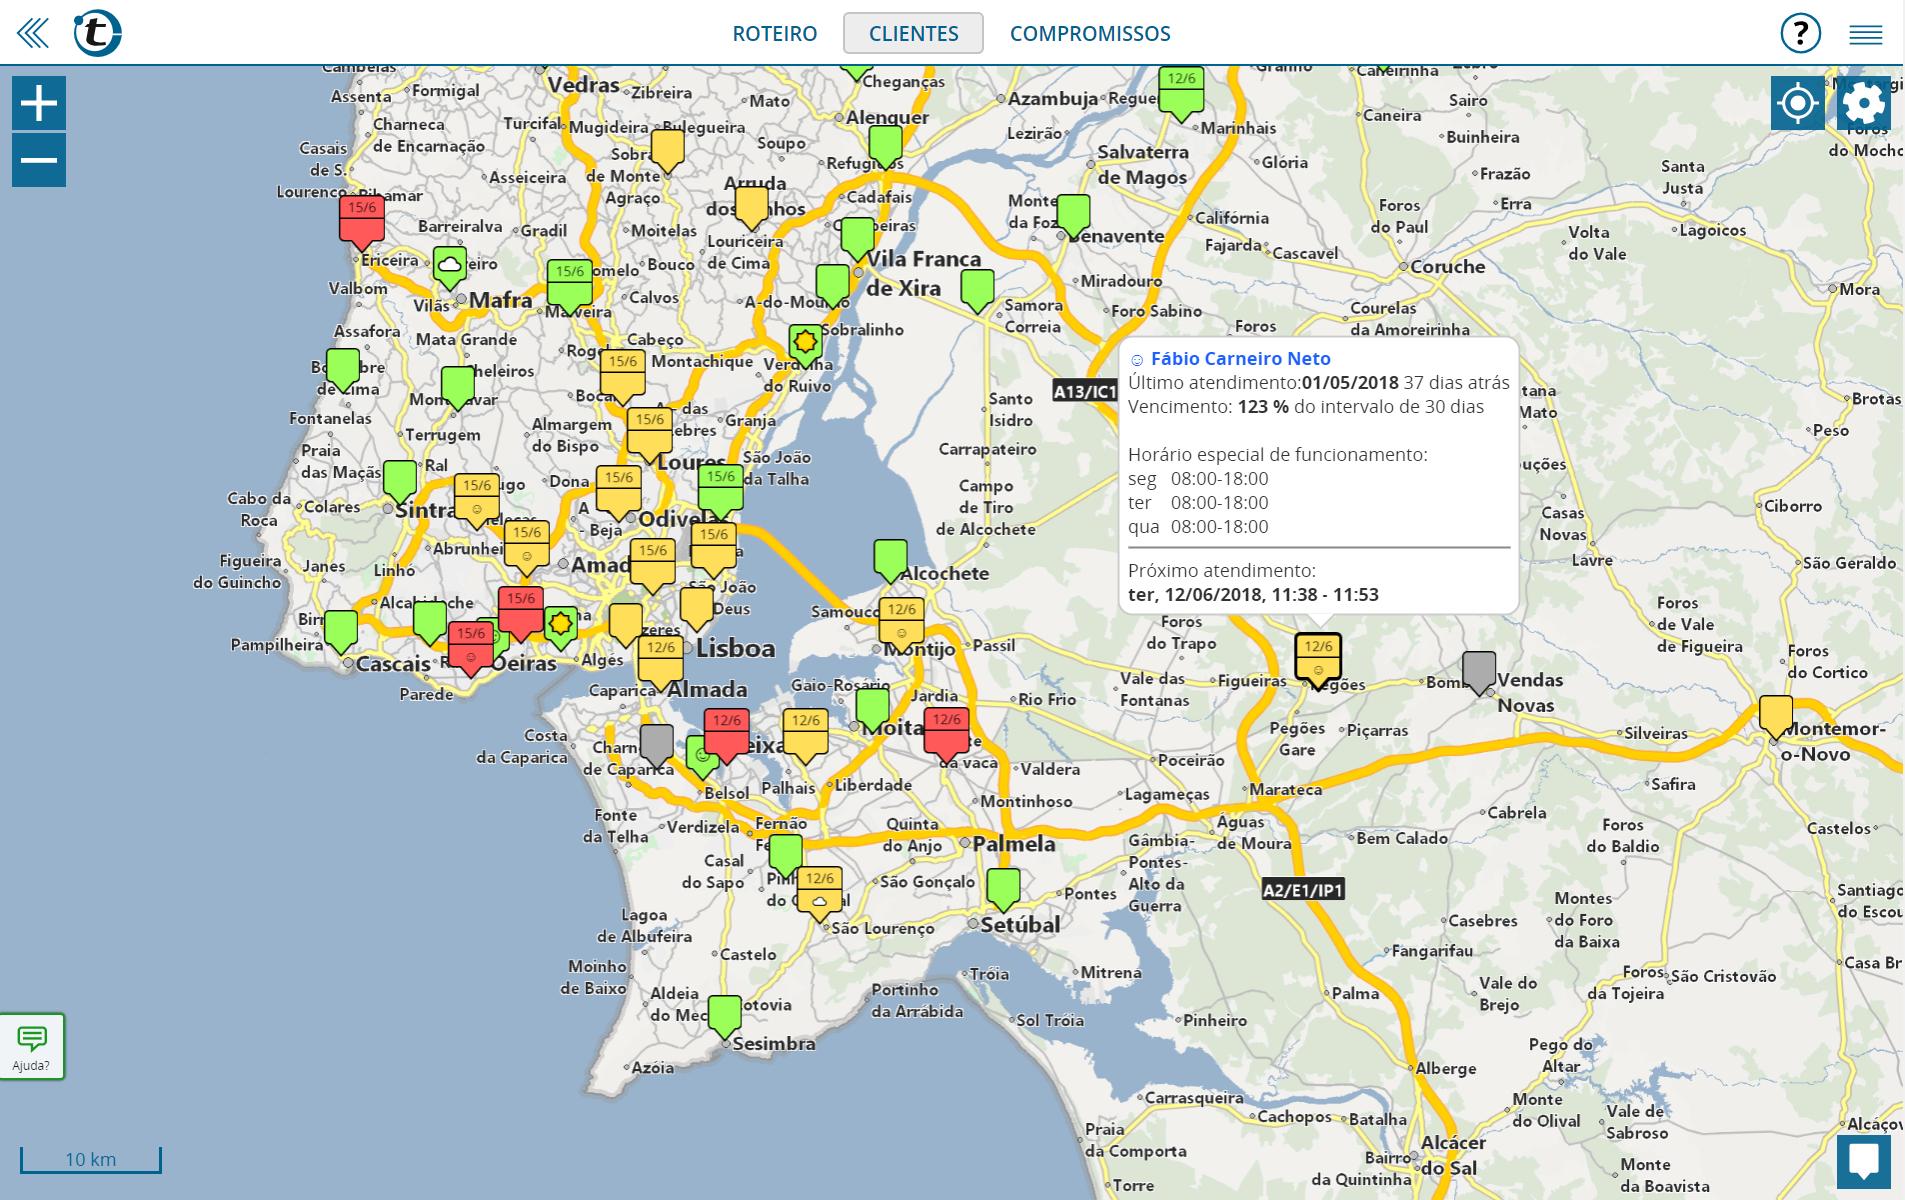 portatour®: uma alternativa para o Mappoint, com visualização de clientes em mapa